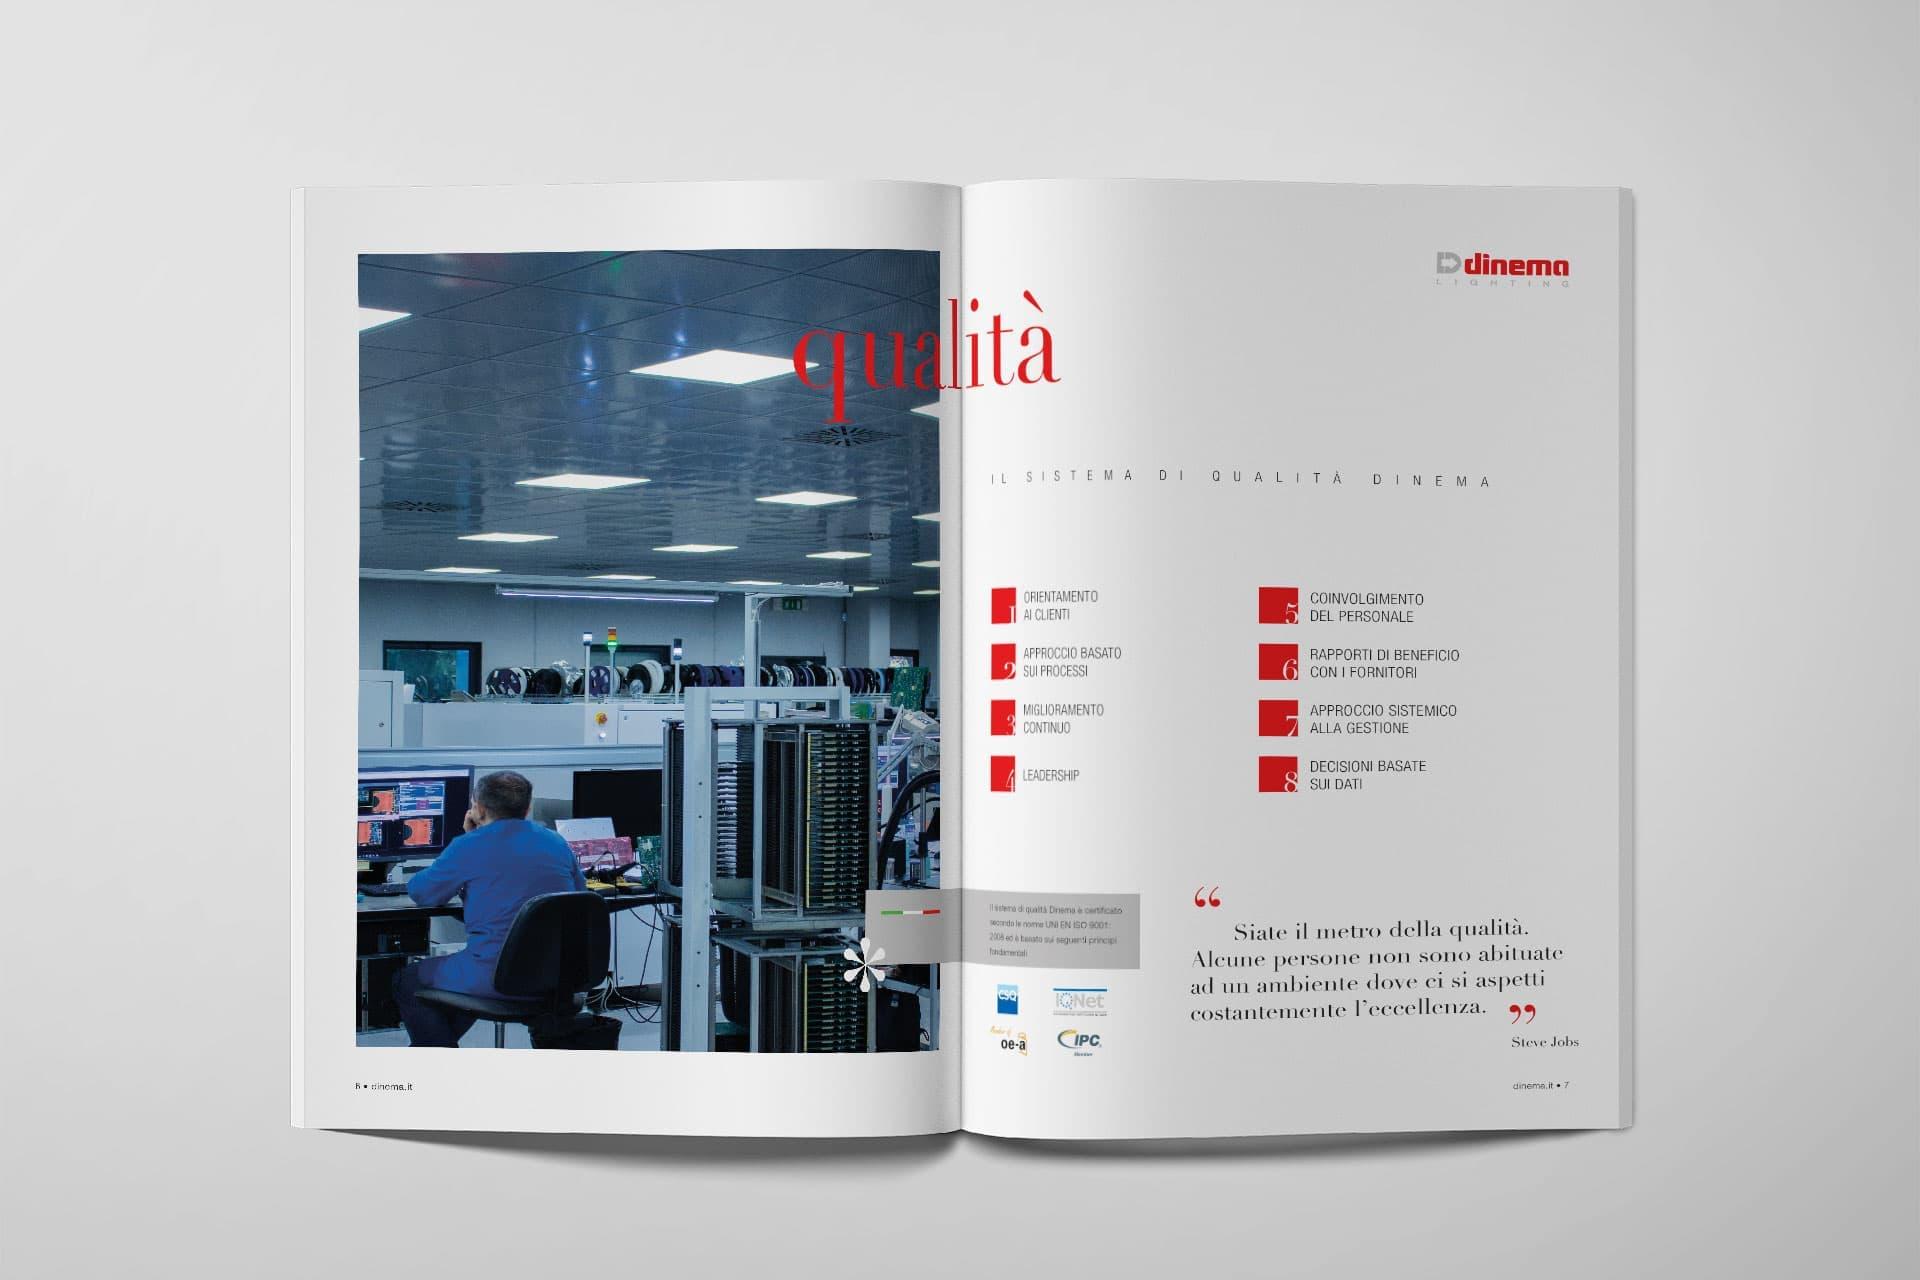 Dinema - Tre unità di business, un'unica forma estetica